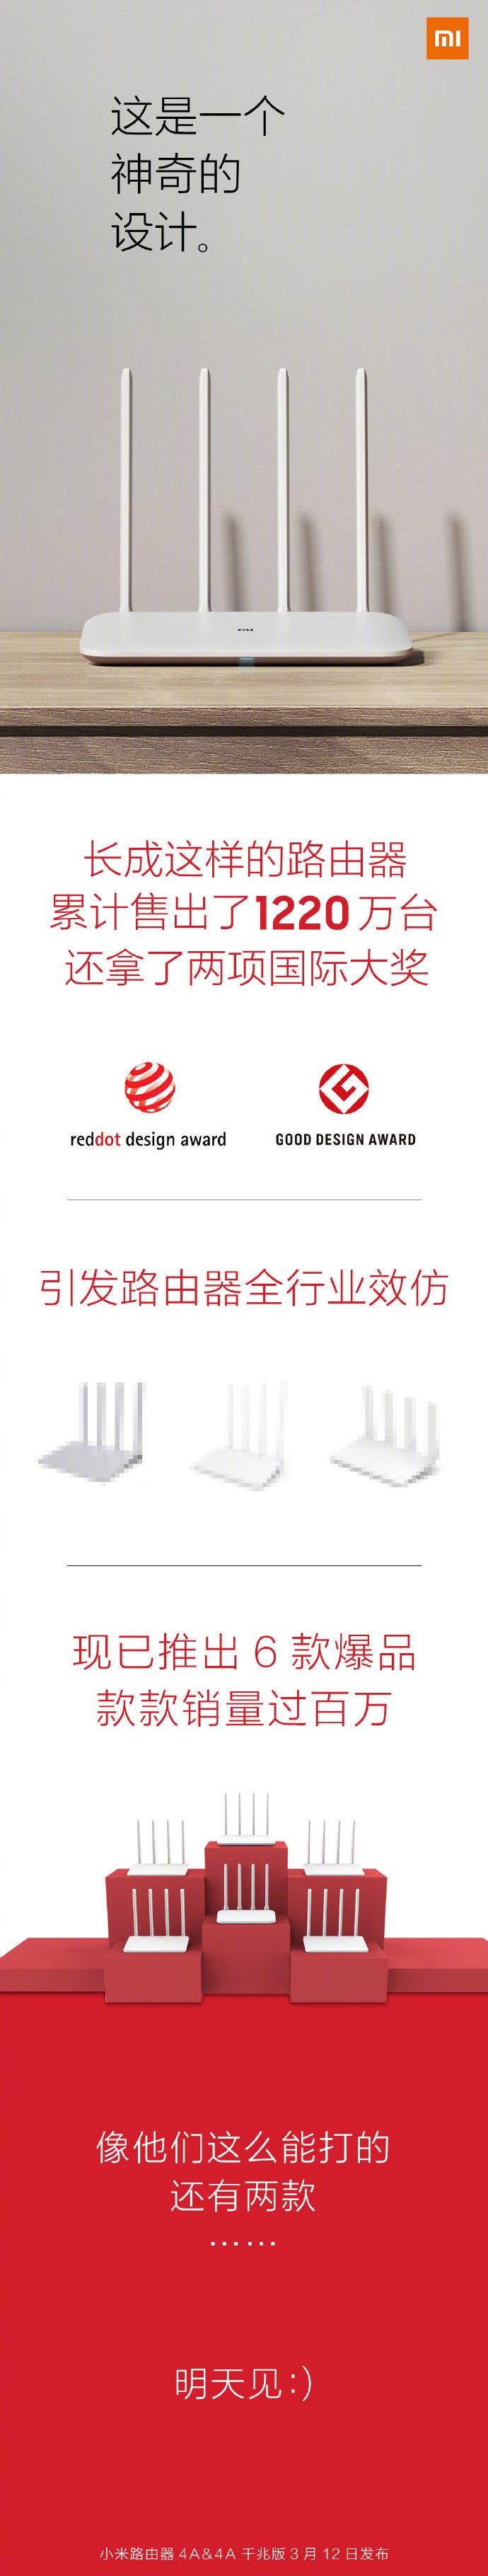 Xiaomi Router 4A